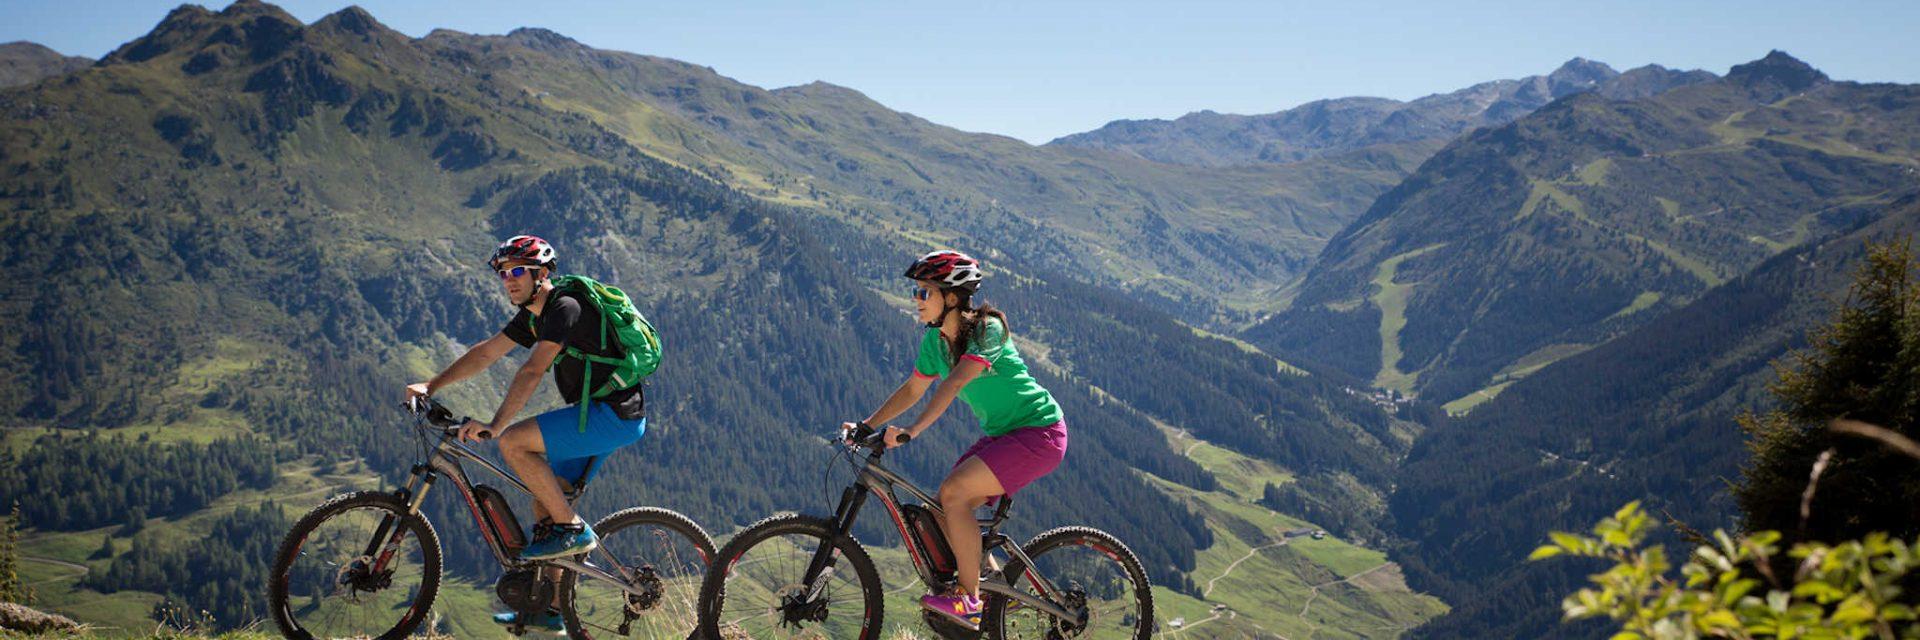 Biken, Radeln im Zillertal